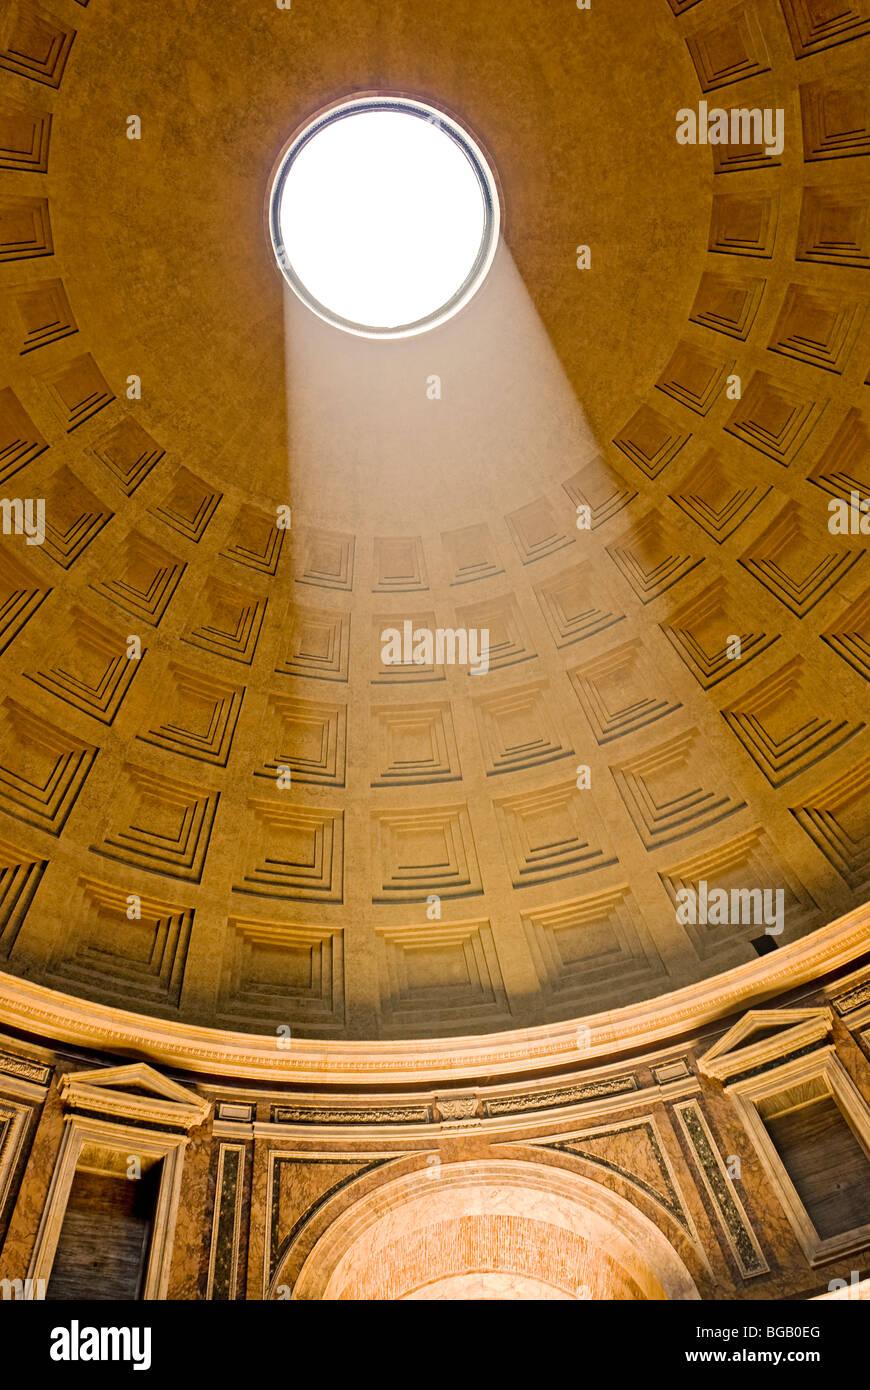 Roma, Italia. Interno del Pantheon in Piazza della Rotonda l'occhio e il soffitto a cassettoni. Immagini Stock